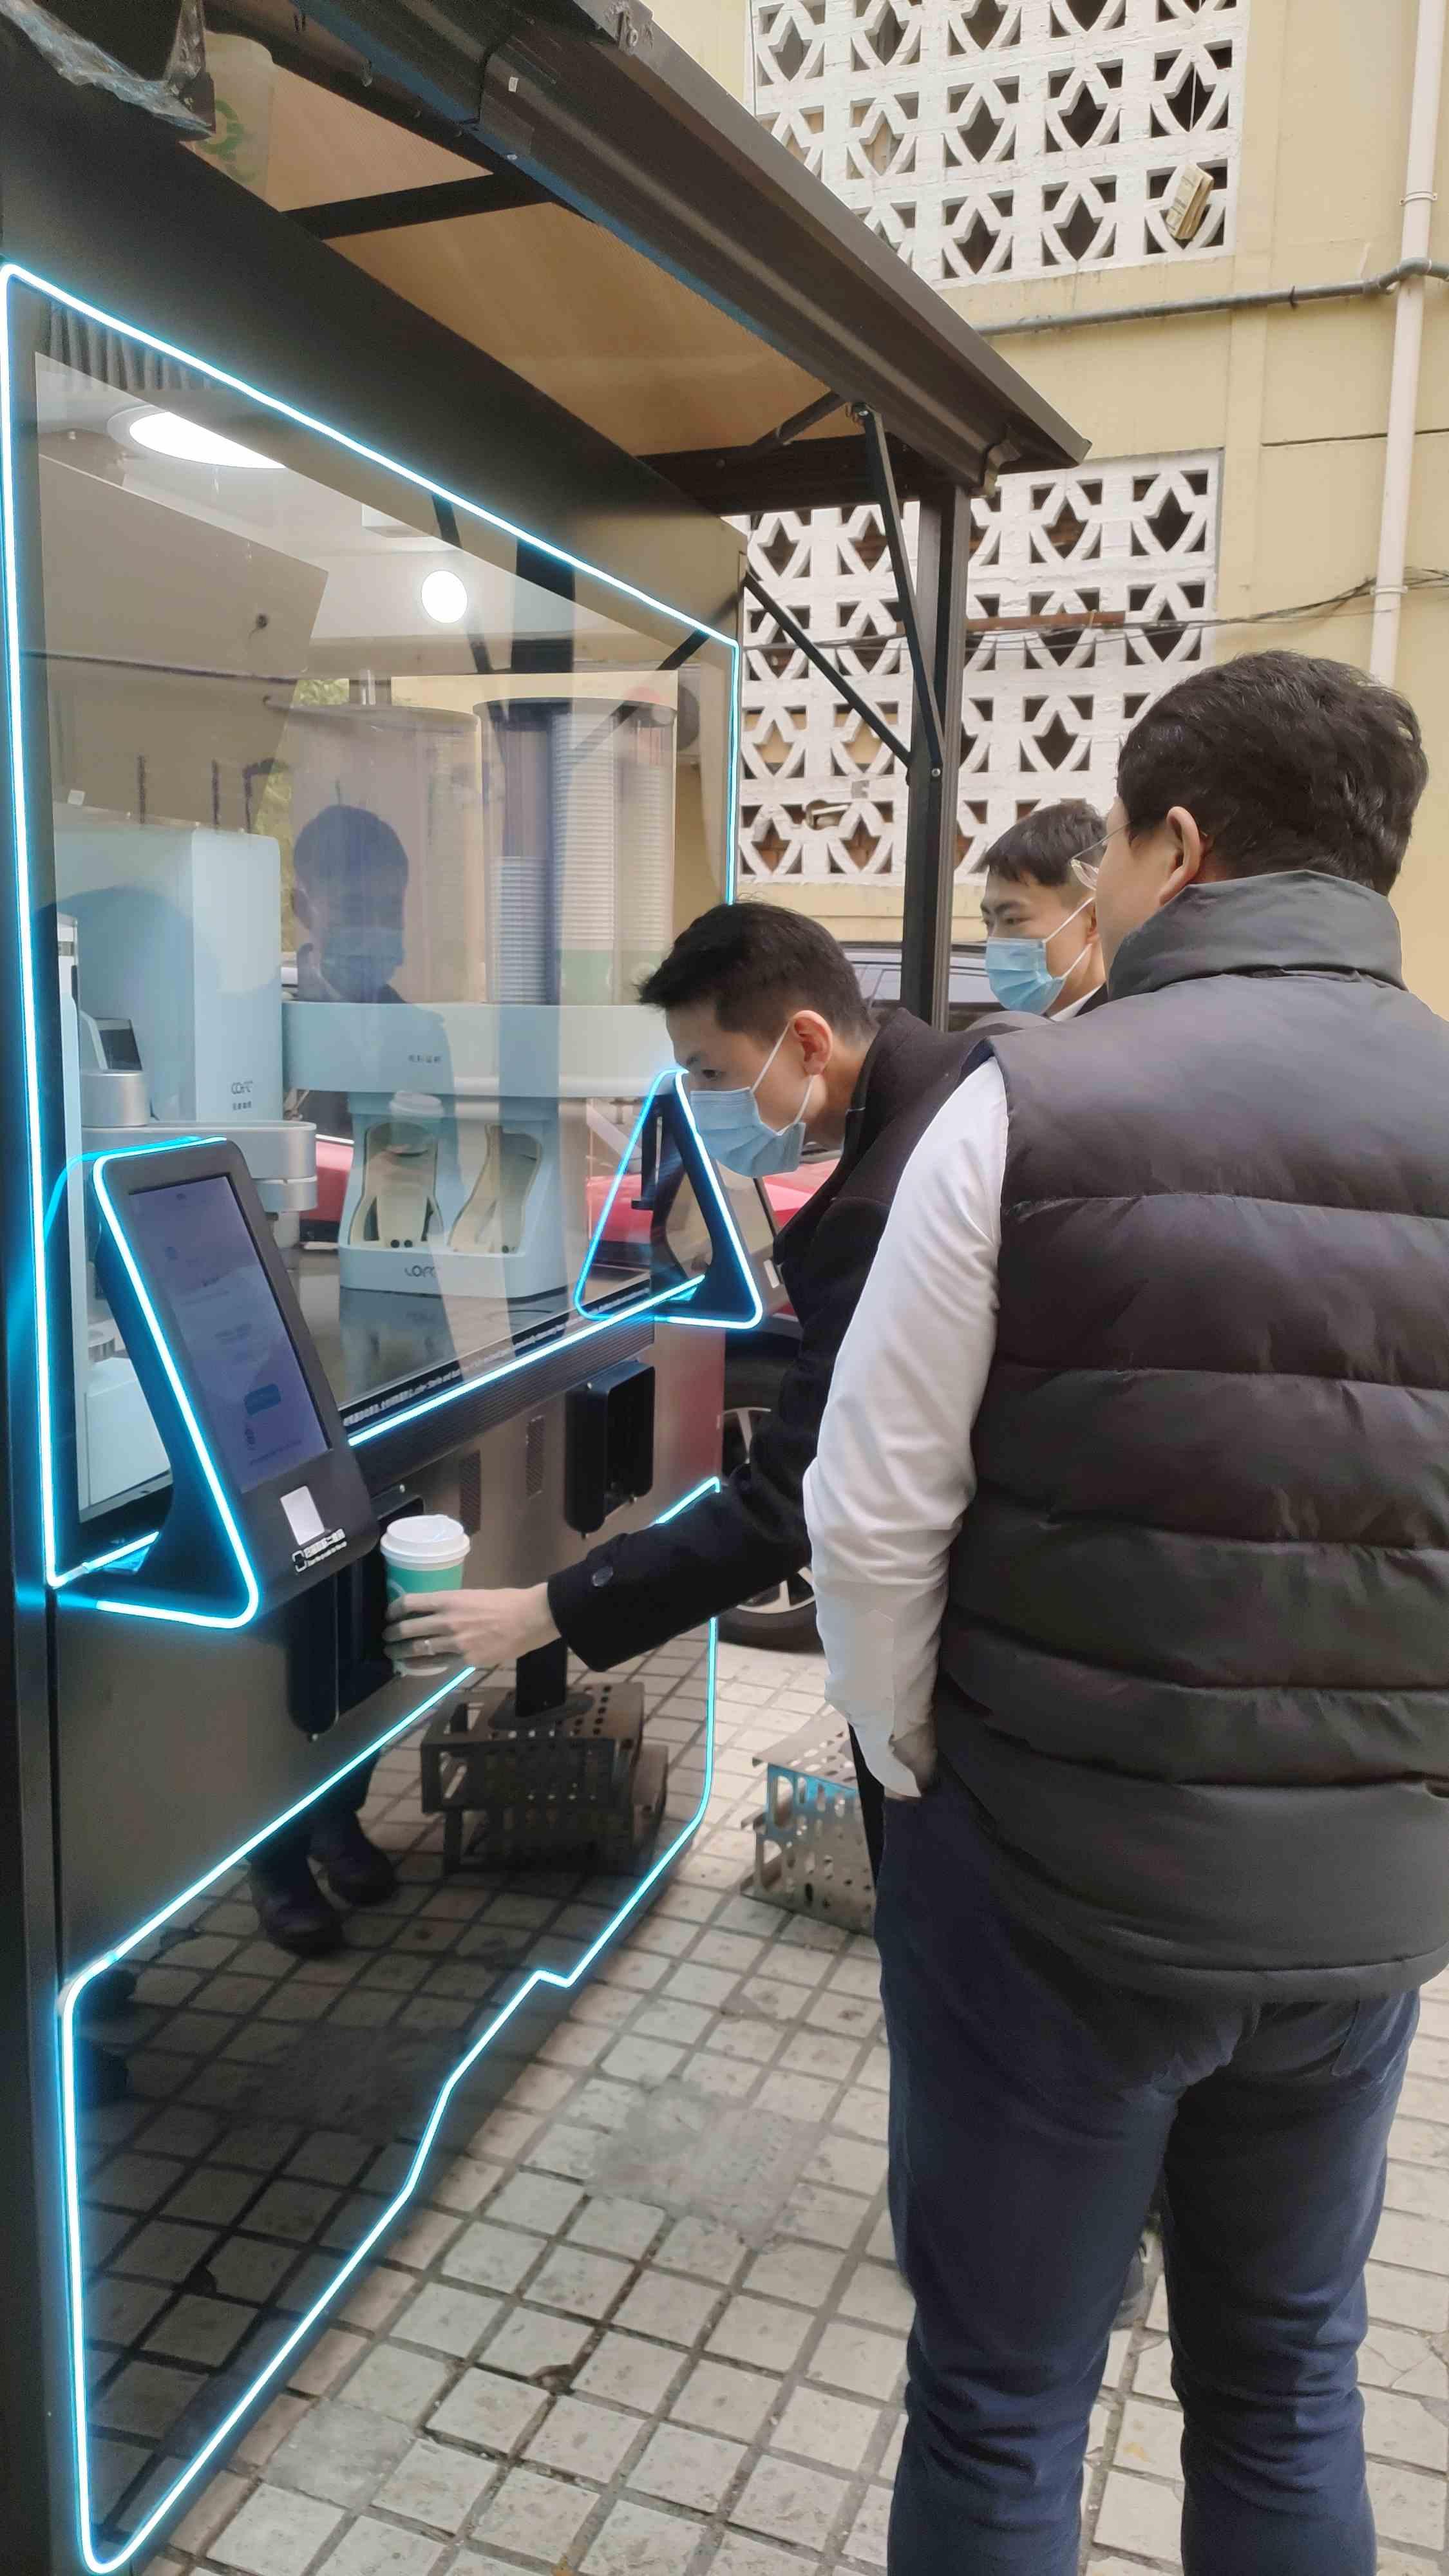 红星美凯龙领导来访上海氦豚科技,亲自体验COFE+机器人现磨咖啡